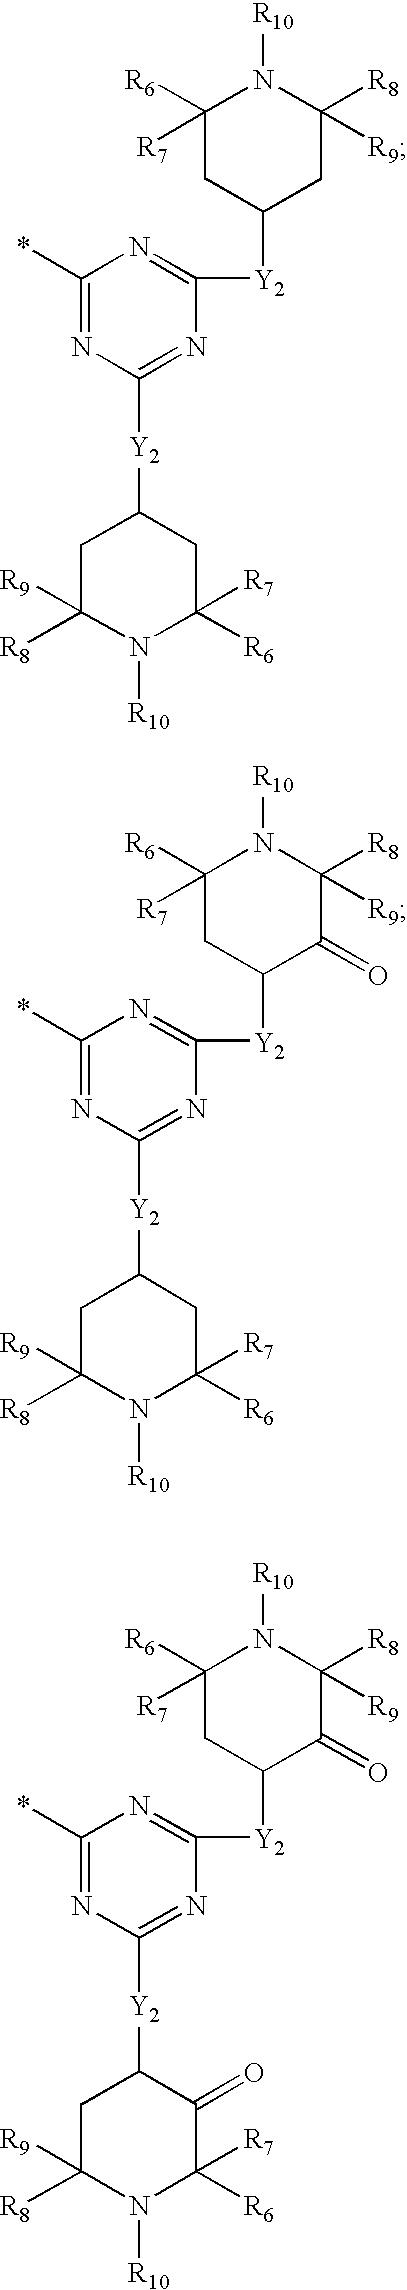 Figure US20040143041A1-20040722-C00063